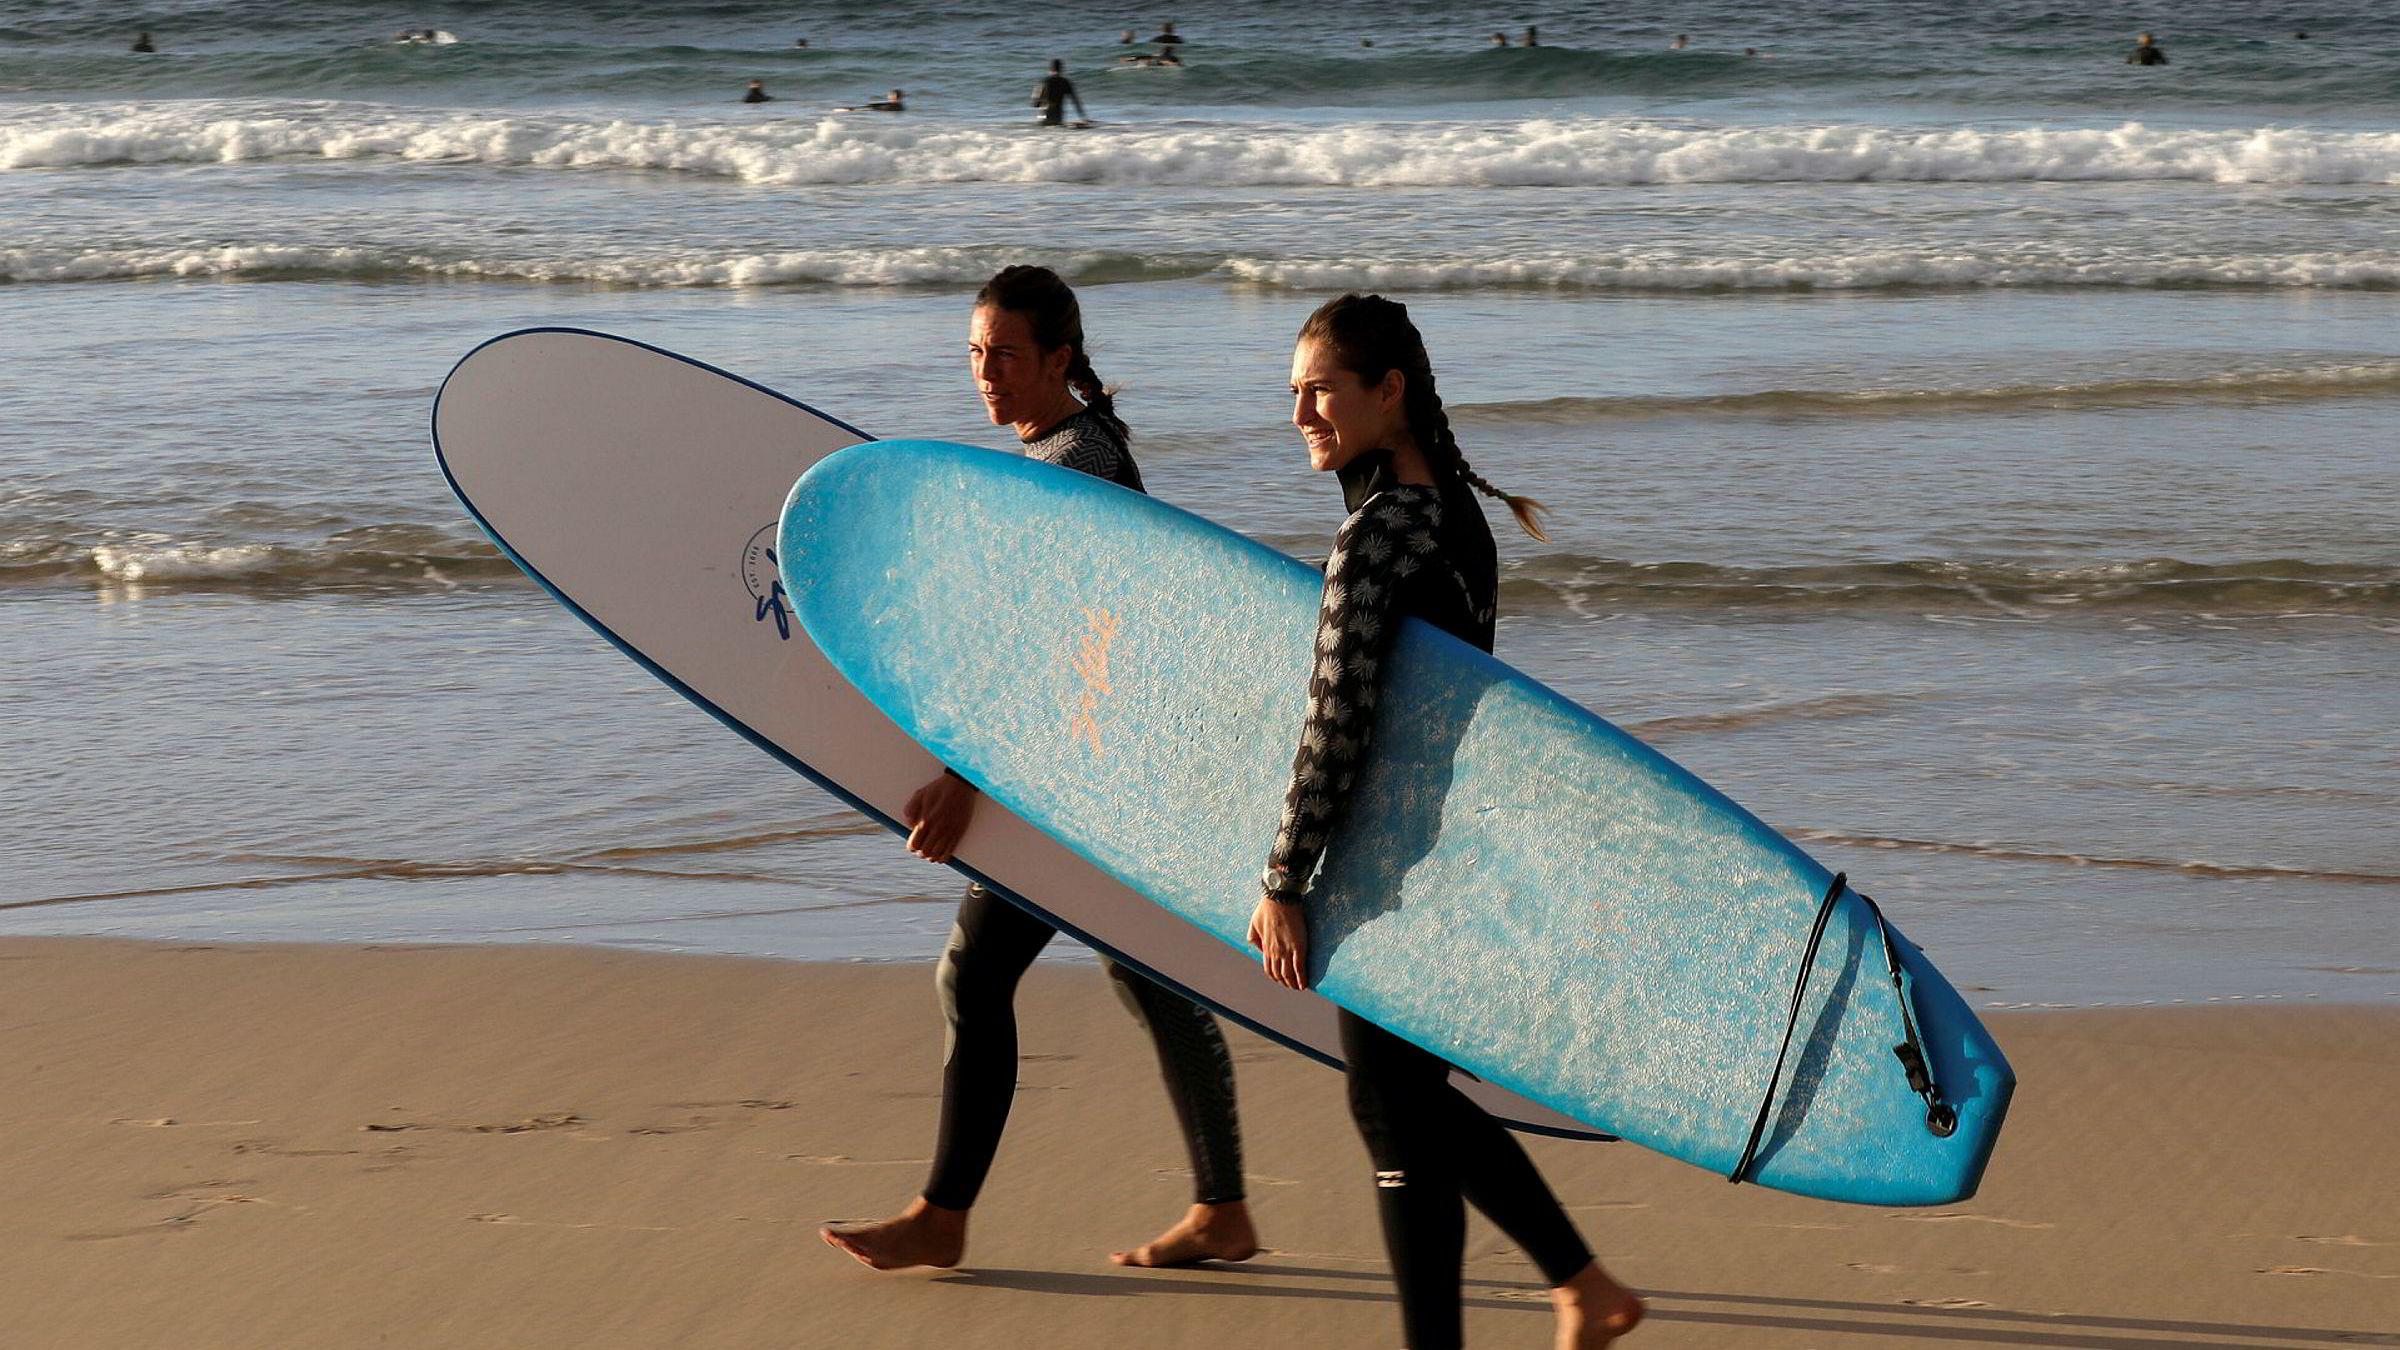 Surfere på vei ut i vannet på Bondi Beach i Sydney. Stranda har til nå kun vært åpen for at surfere og svømmere kan trene, men fredag åpnes strendene for hele befolkningen i New South Wales.